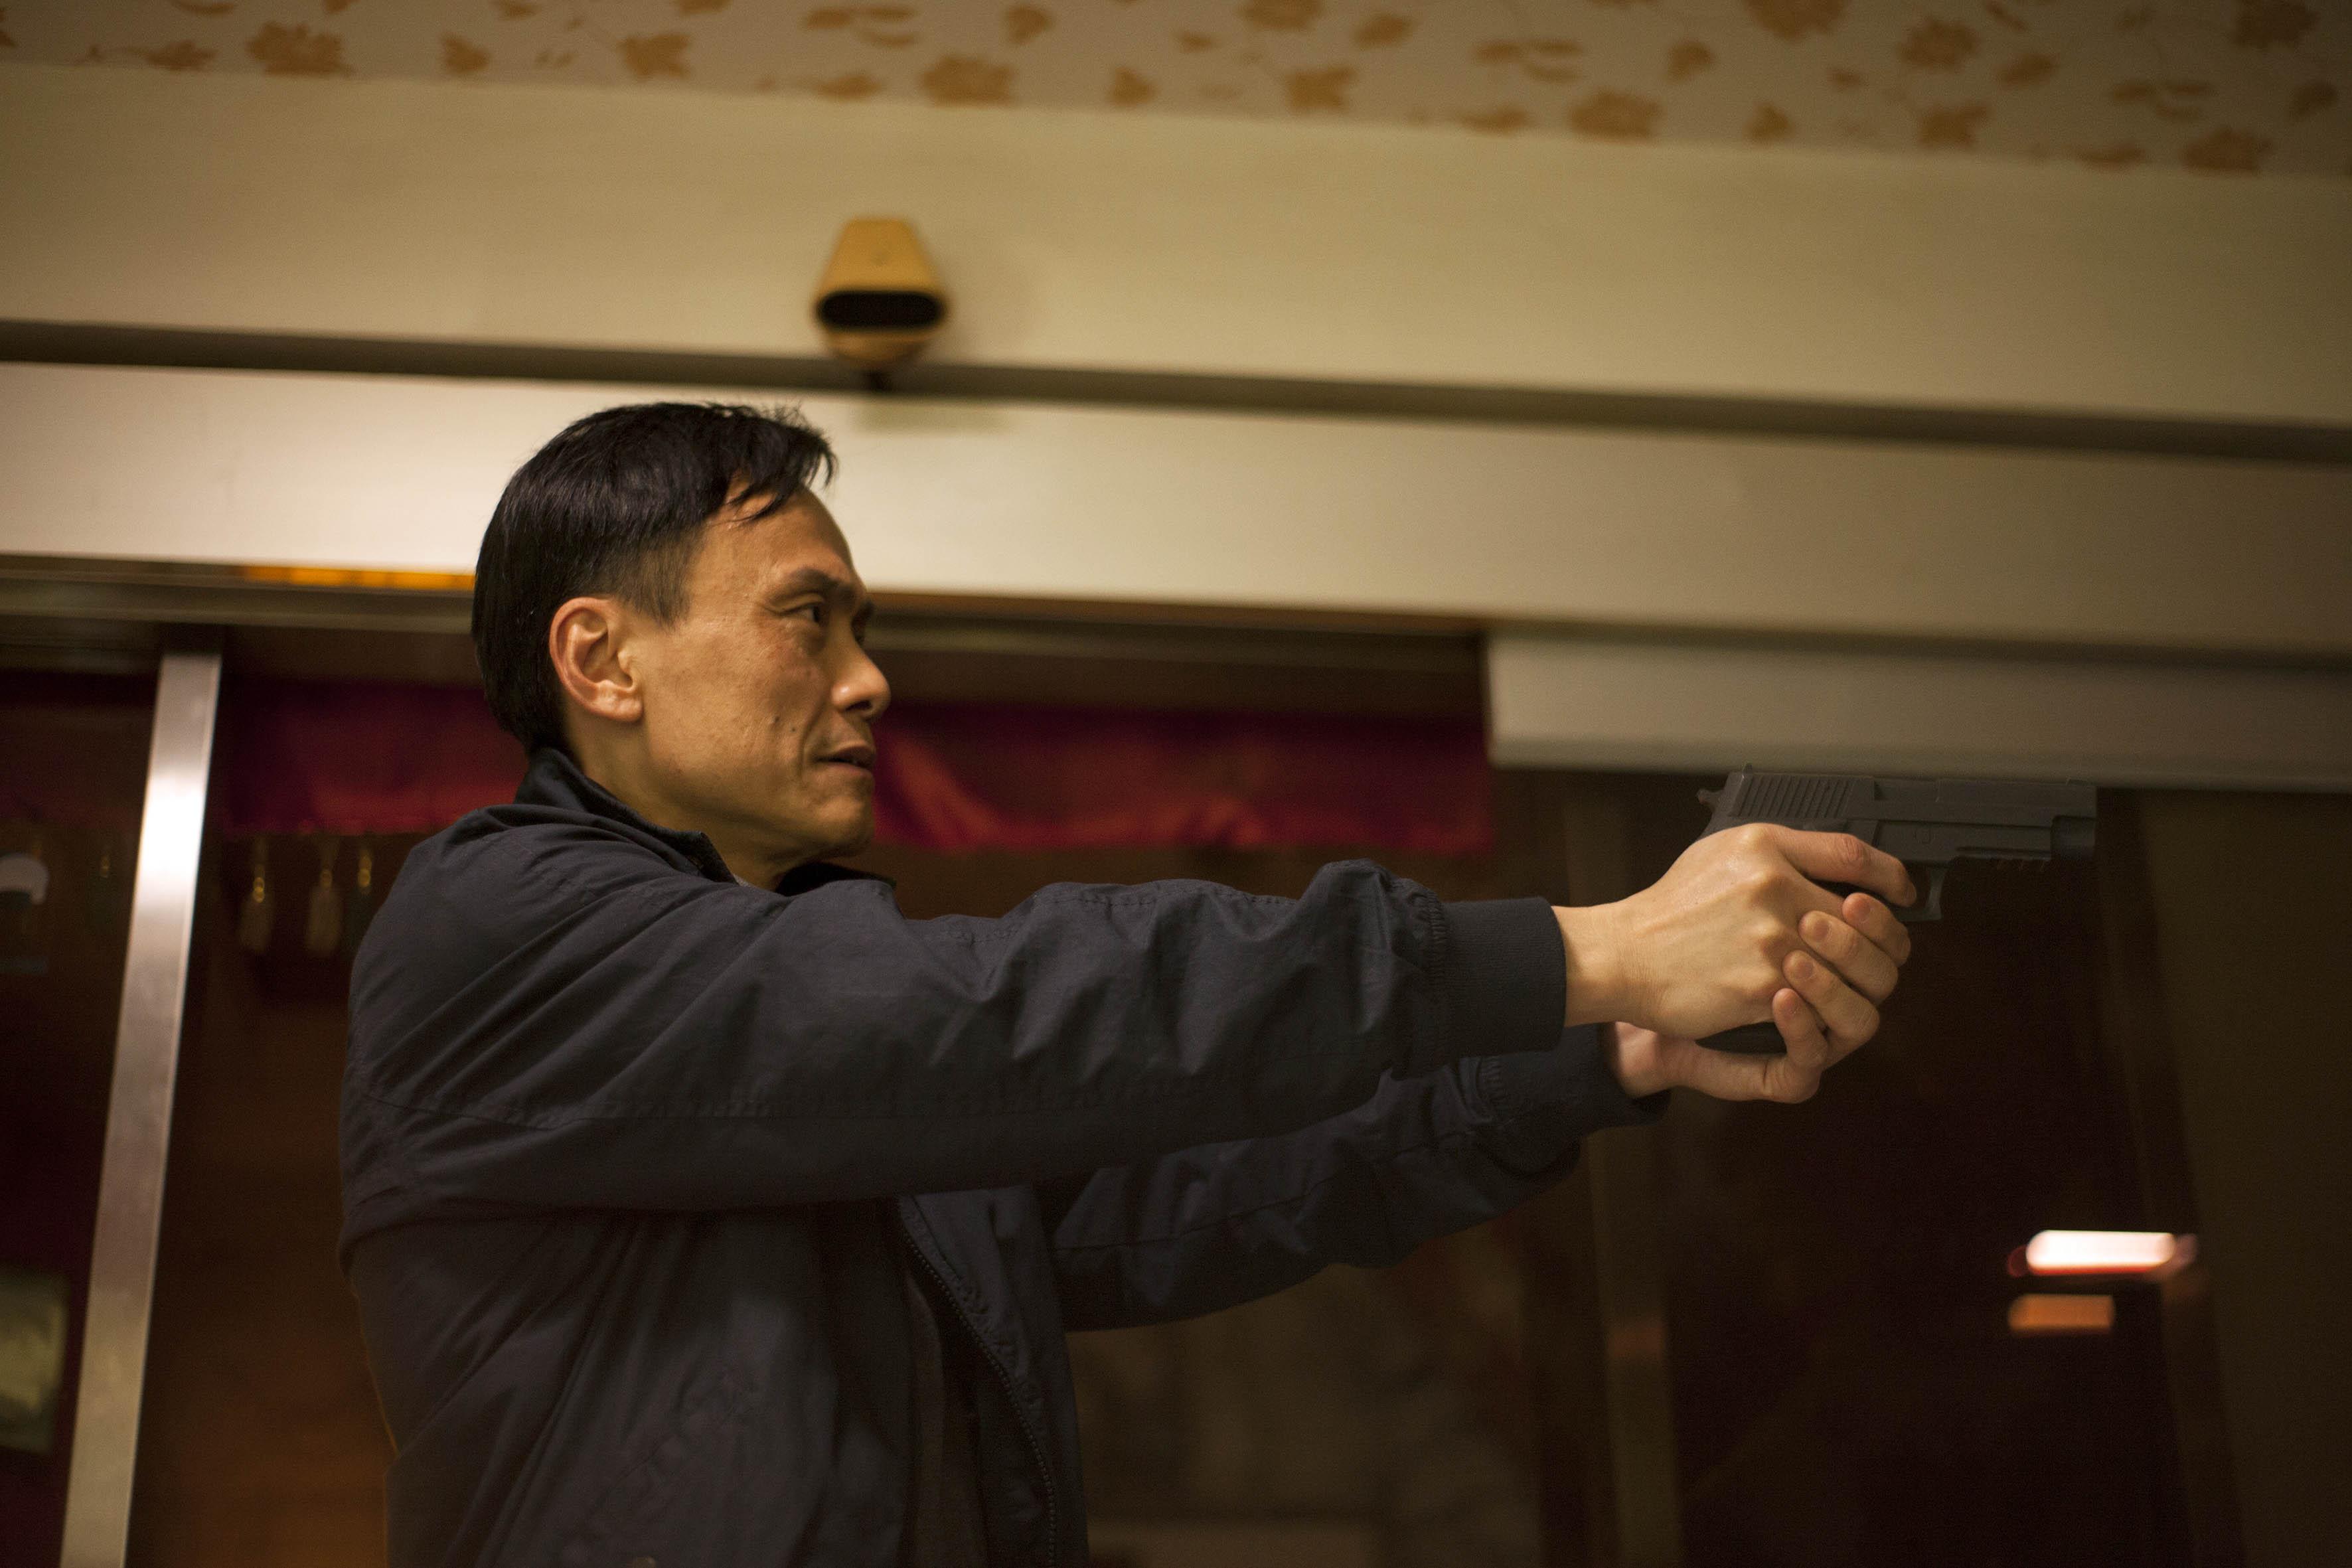 陳以文在片中飾演罪犯石知田的爸爸,同時也是警察